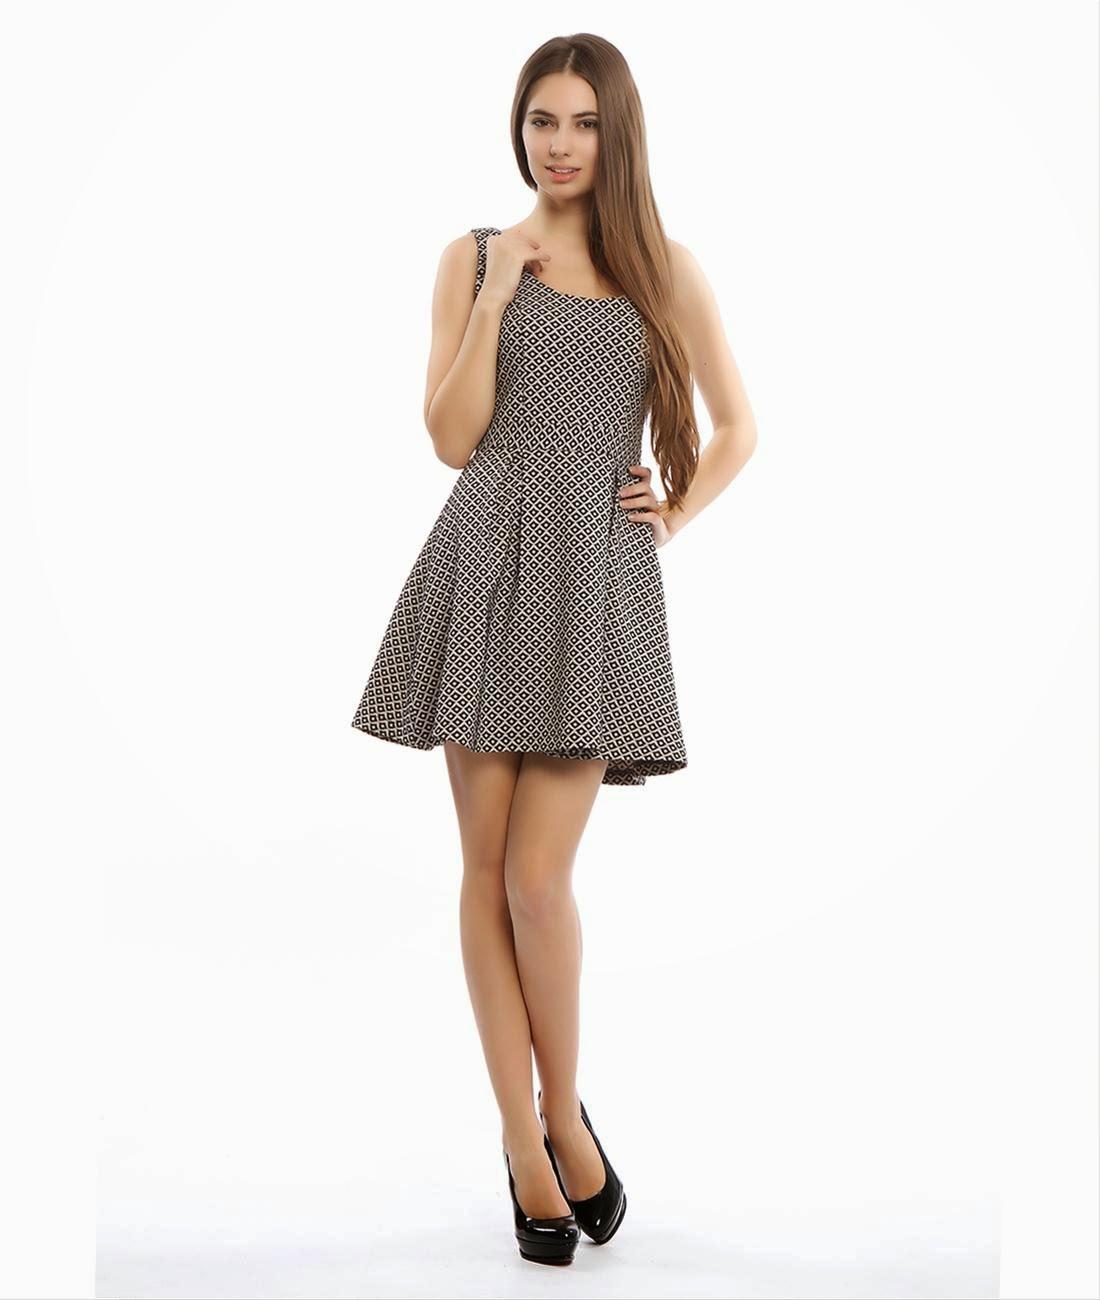 8f26d8470448e Adil Işık Yazlık Mini Abiye Elbise Modelleri